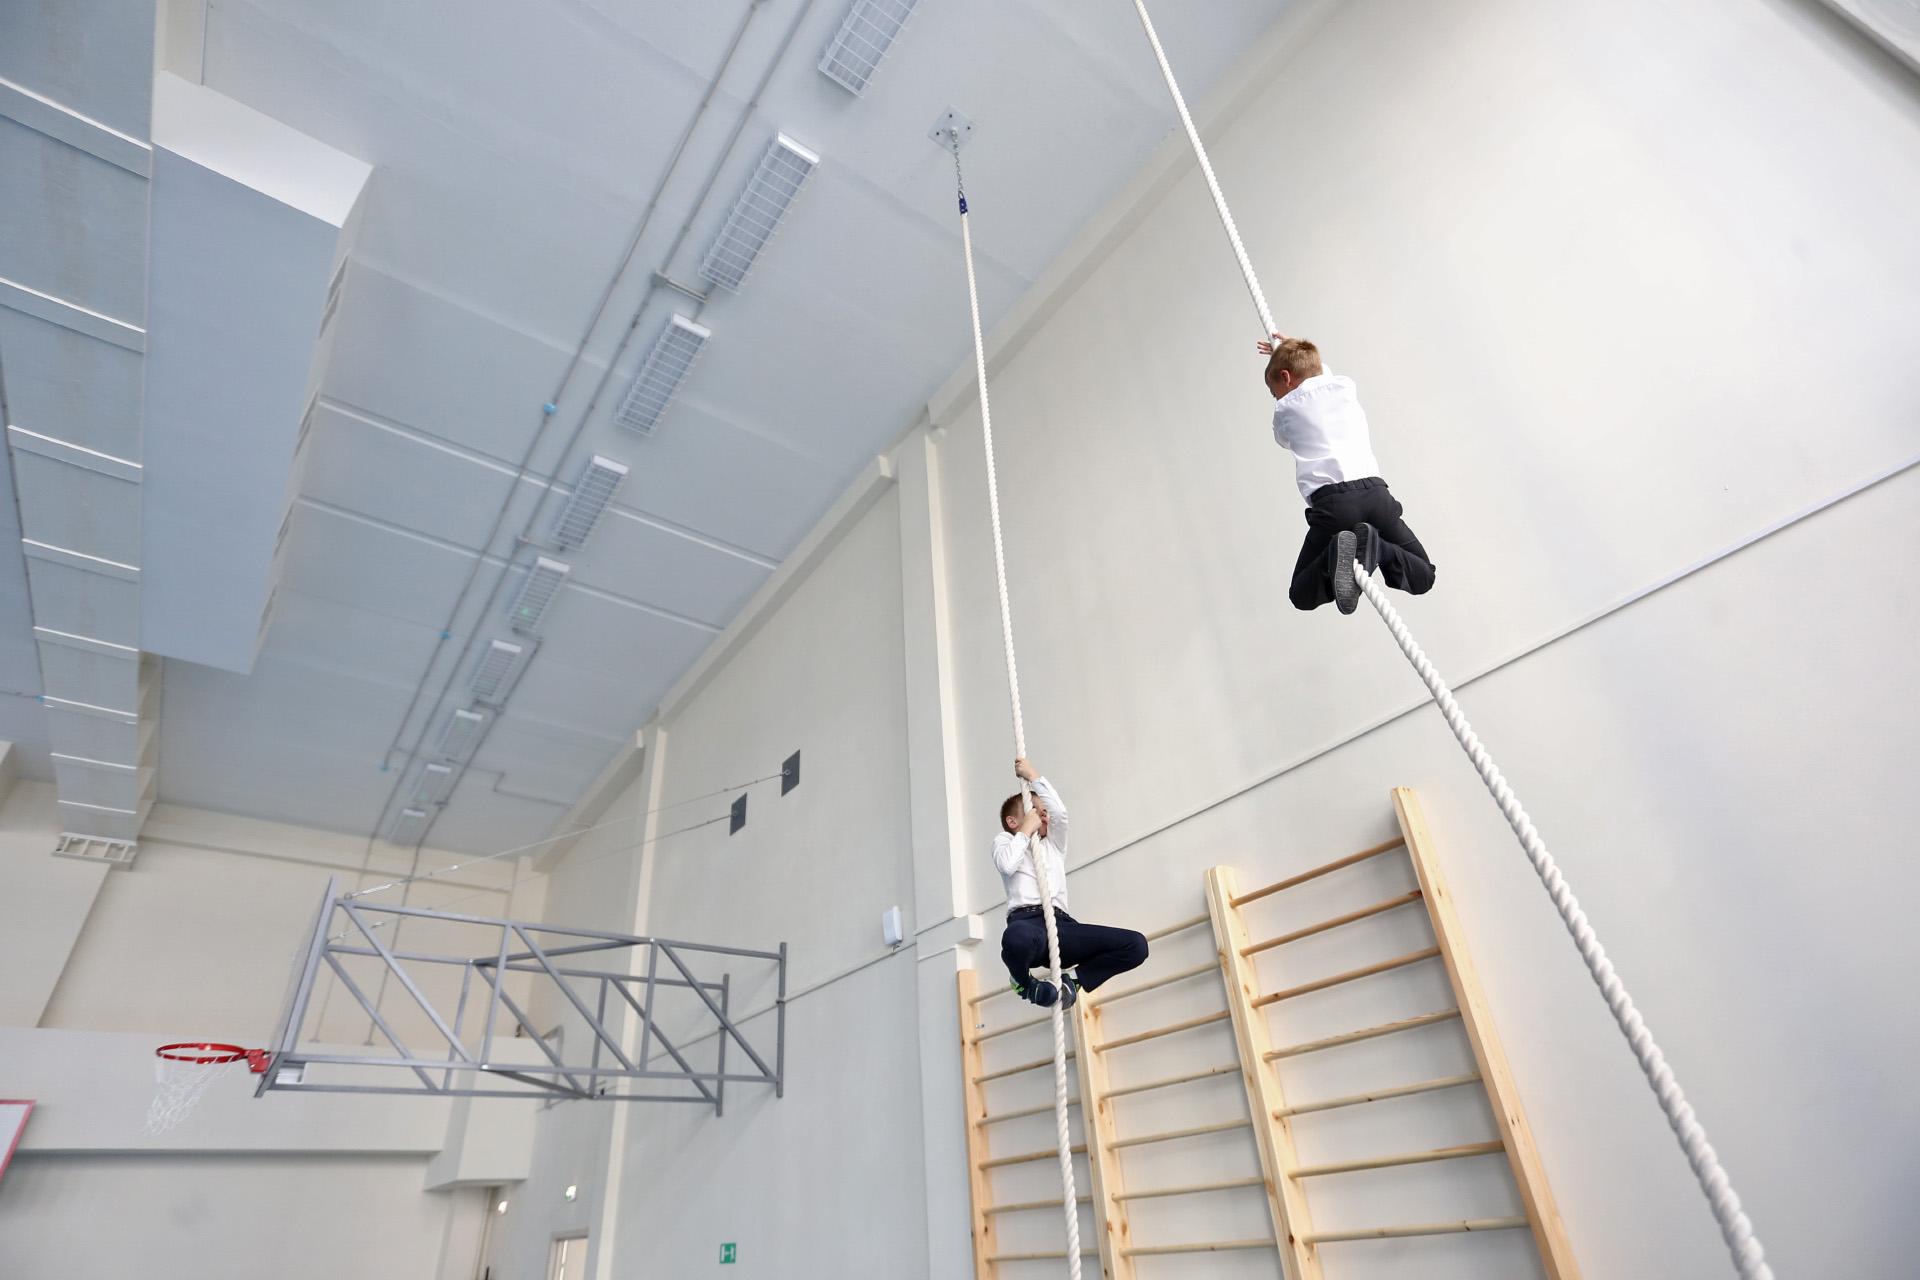 Для юных спортивных гимнастов лазанья по канату — привычное дело